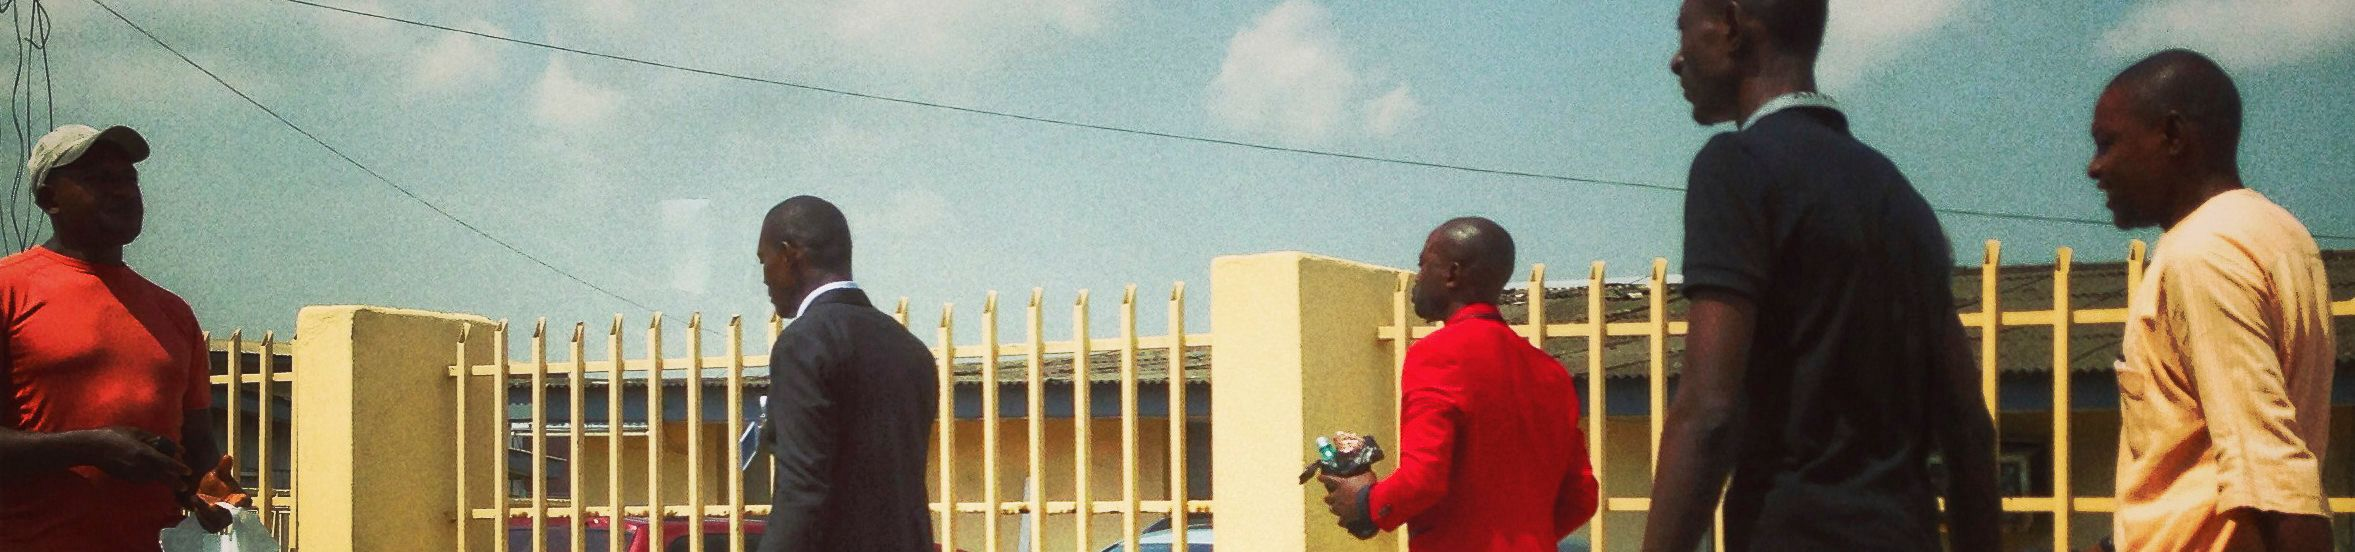 20130501_Nigeria_MGP_Instagram.jpg